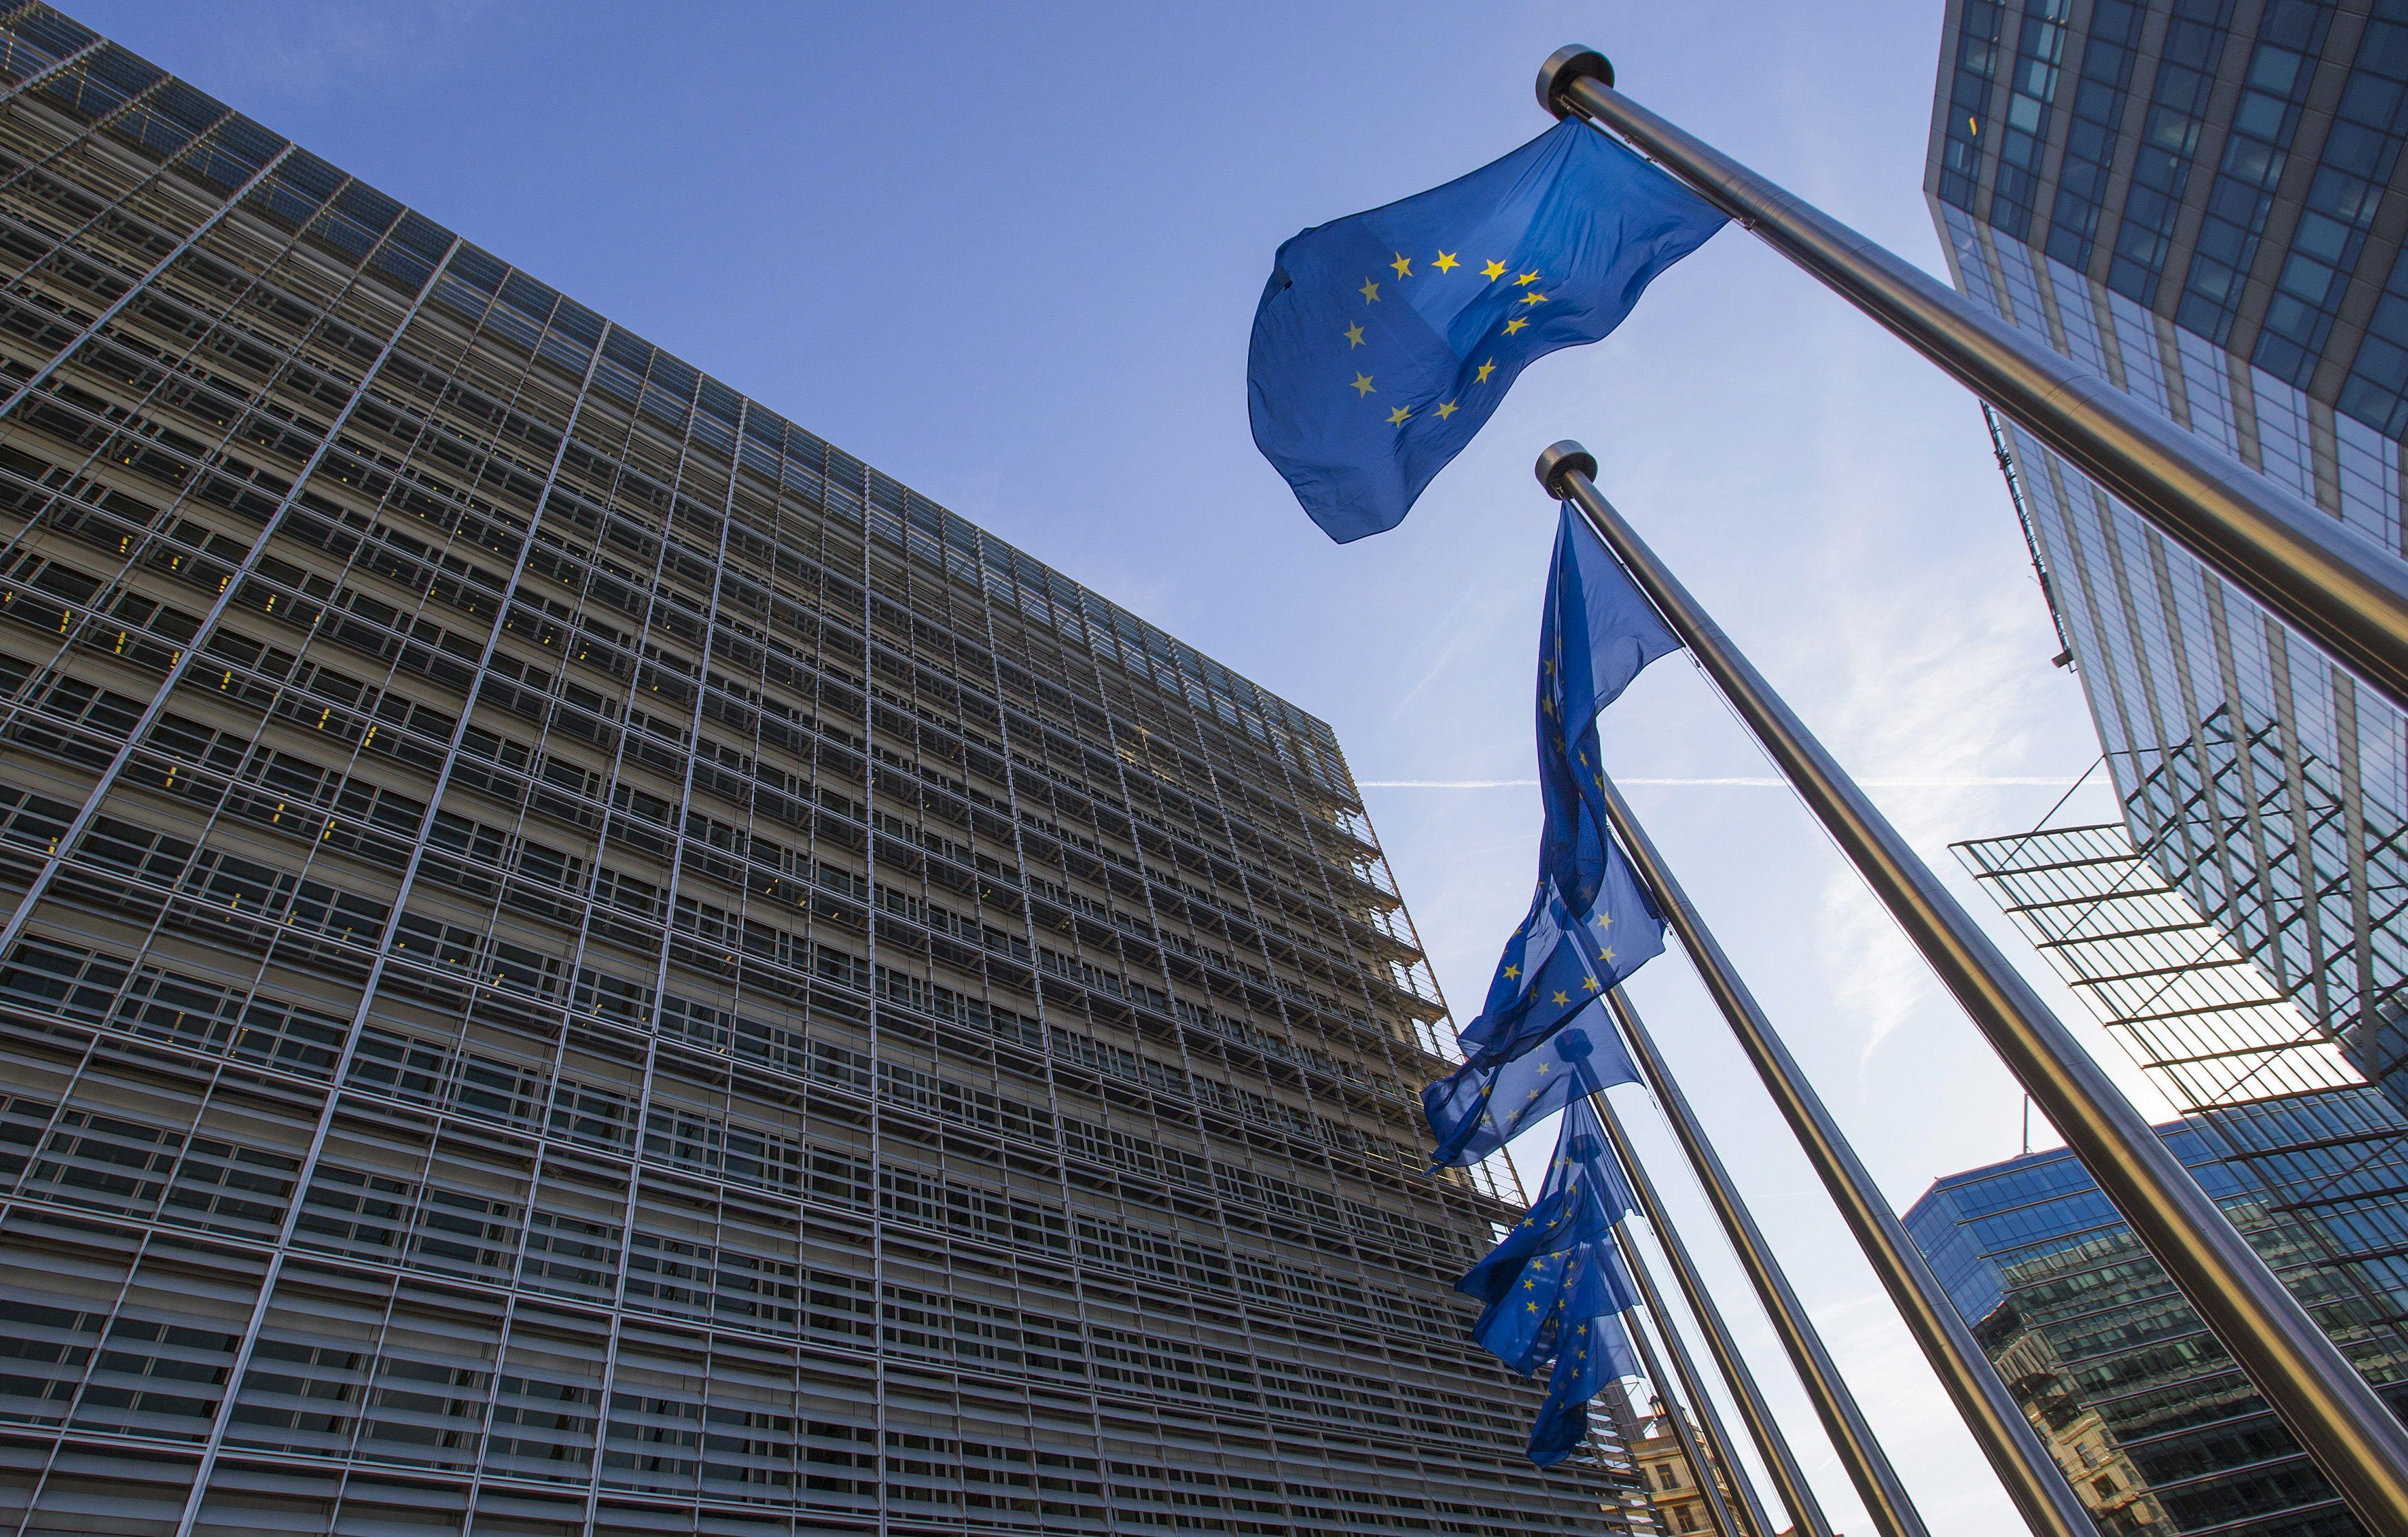 L'Europe moins réformable que jamais alors qu'elle n'en a jamais eu autant besoin